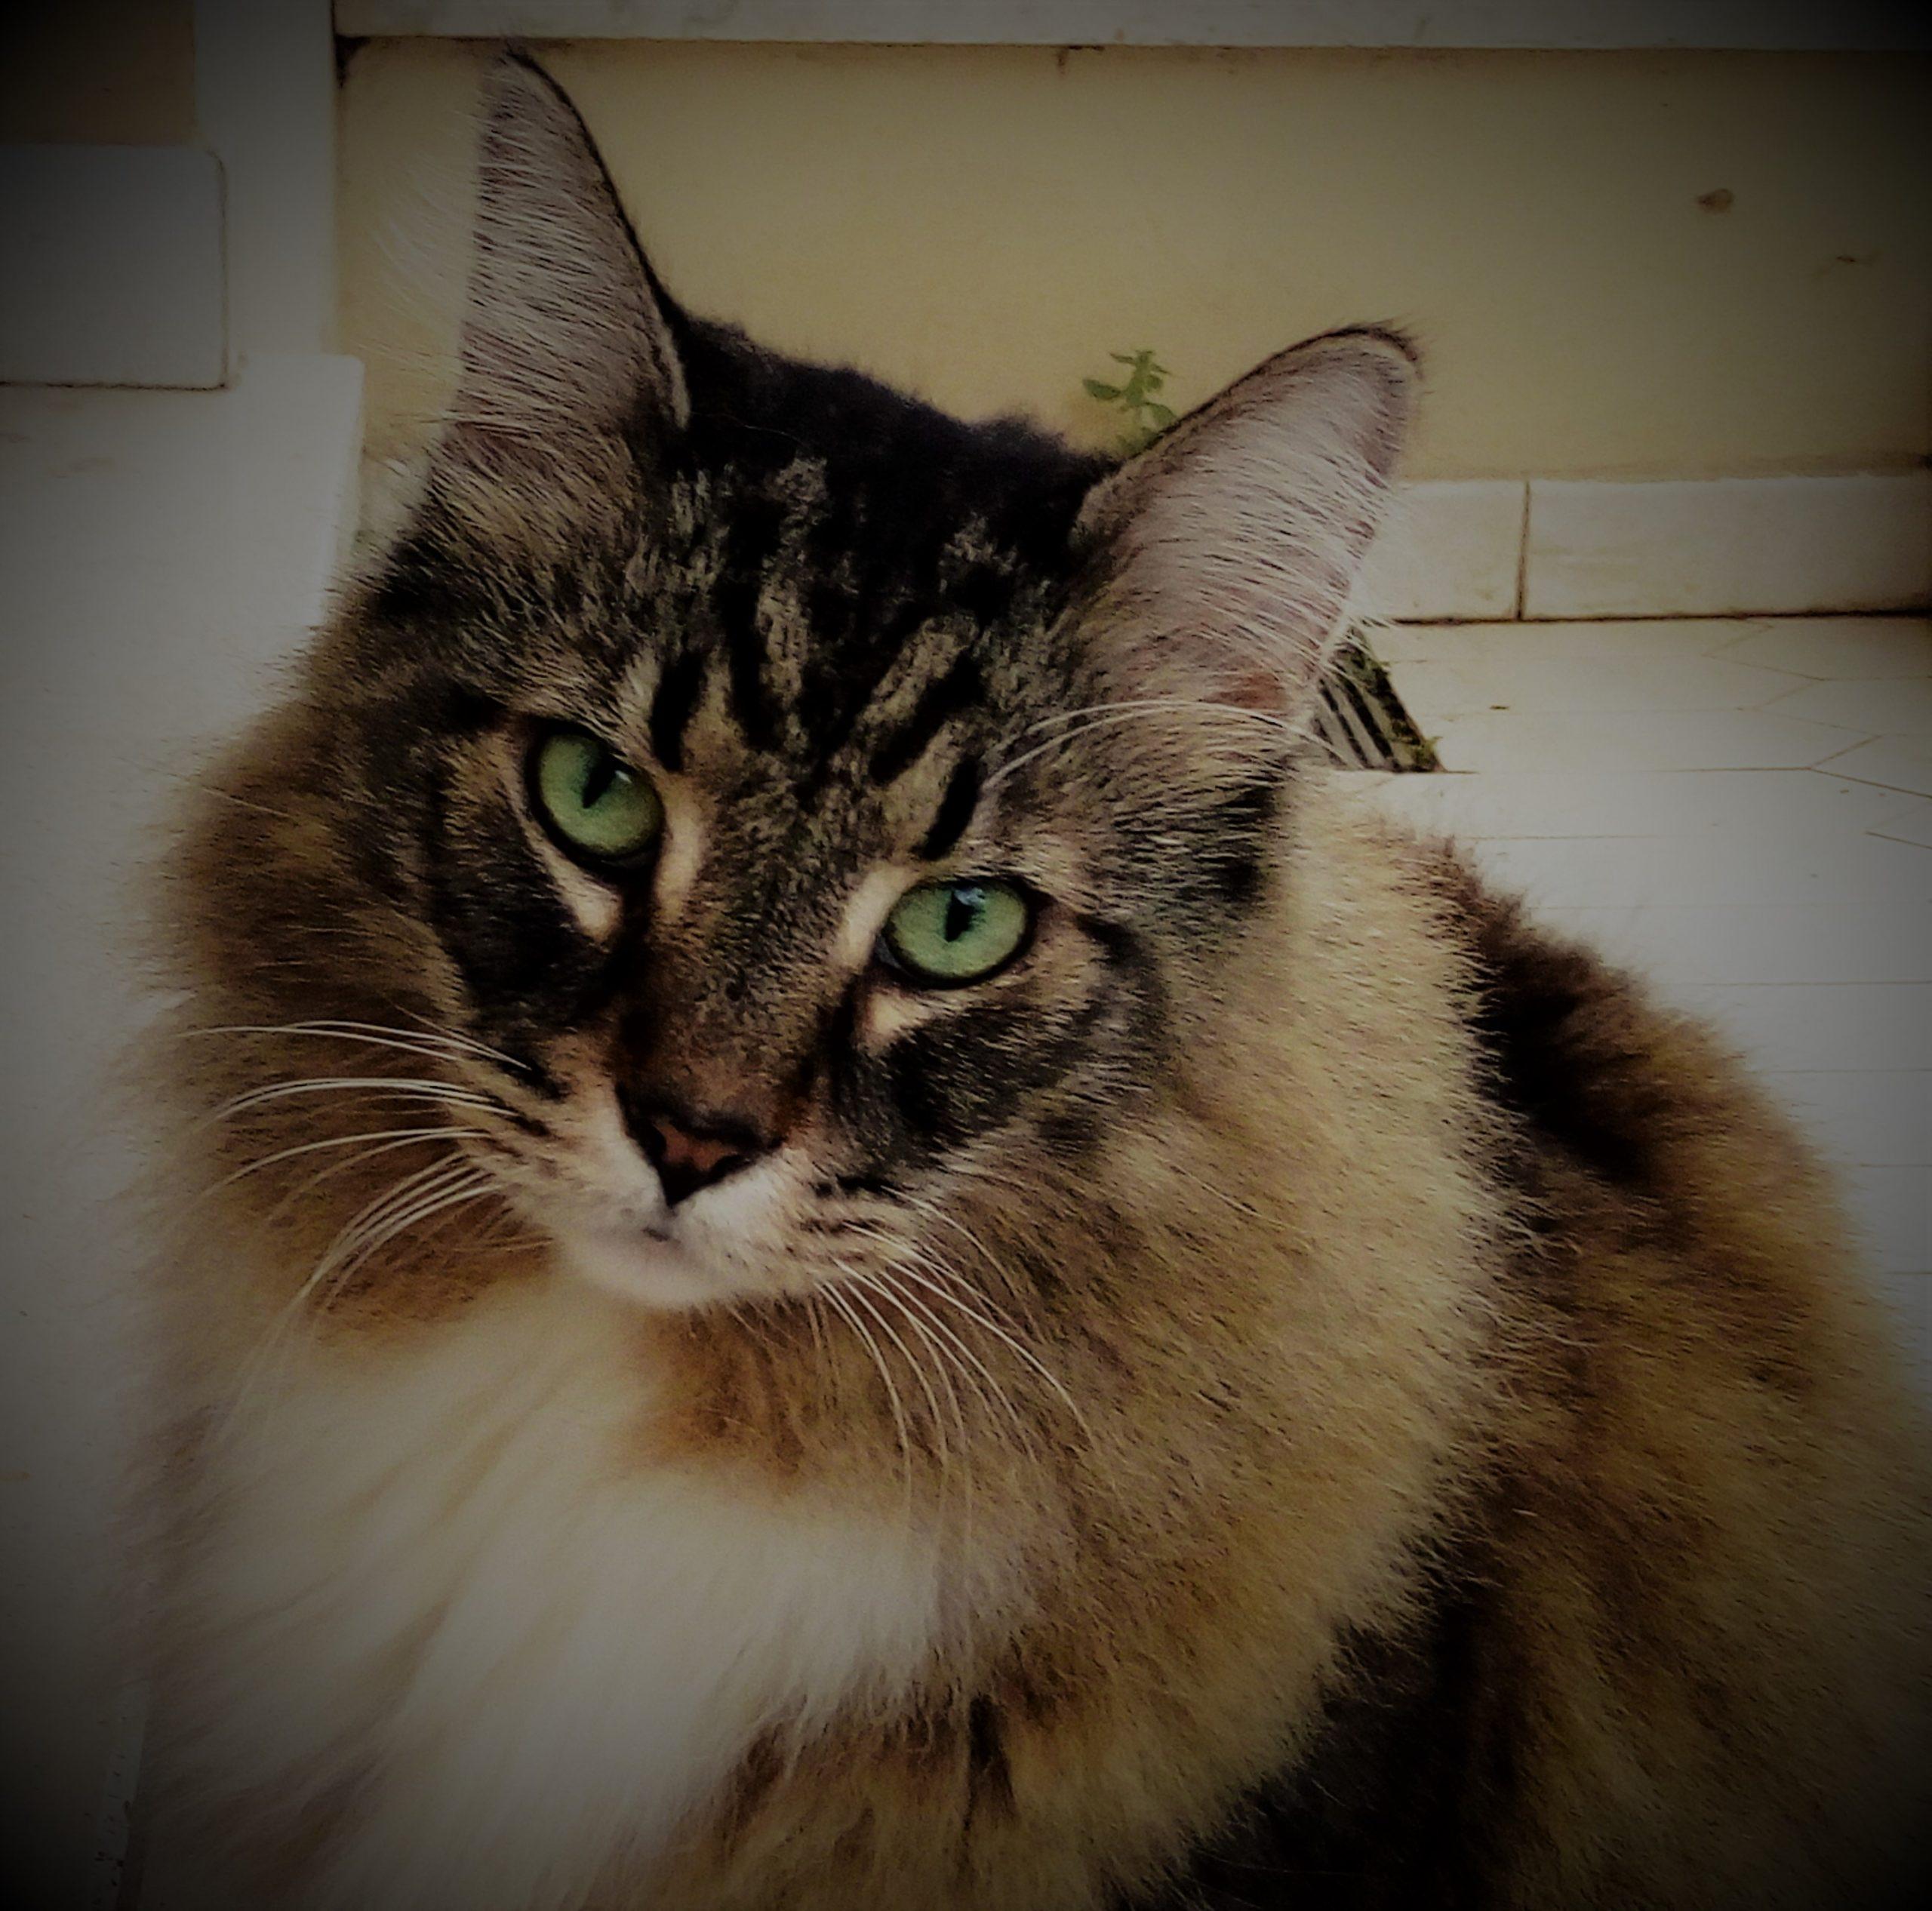 Il mio meraviglioso gatto Axl è morto